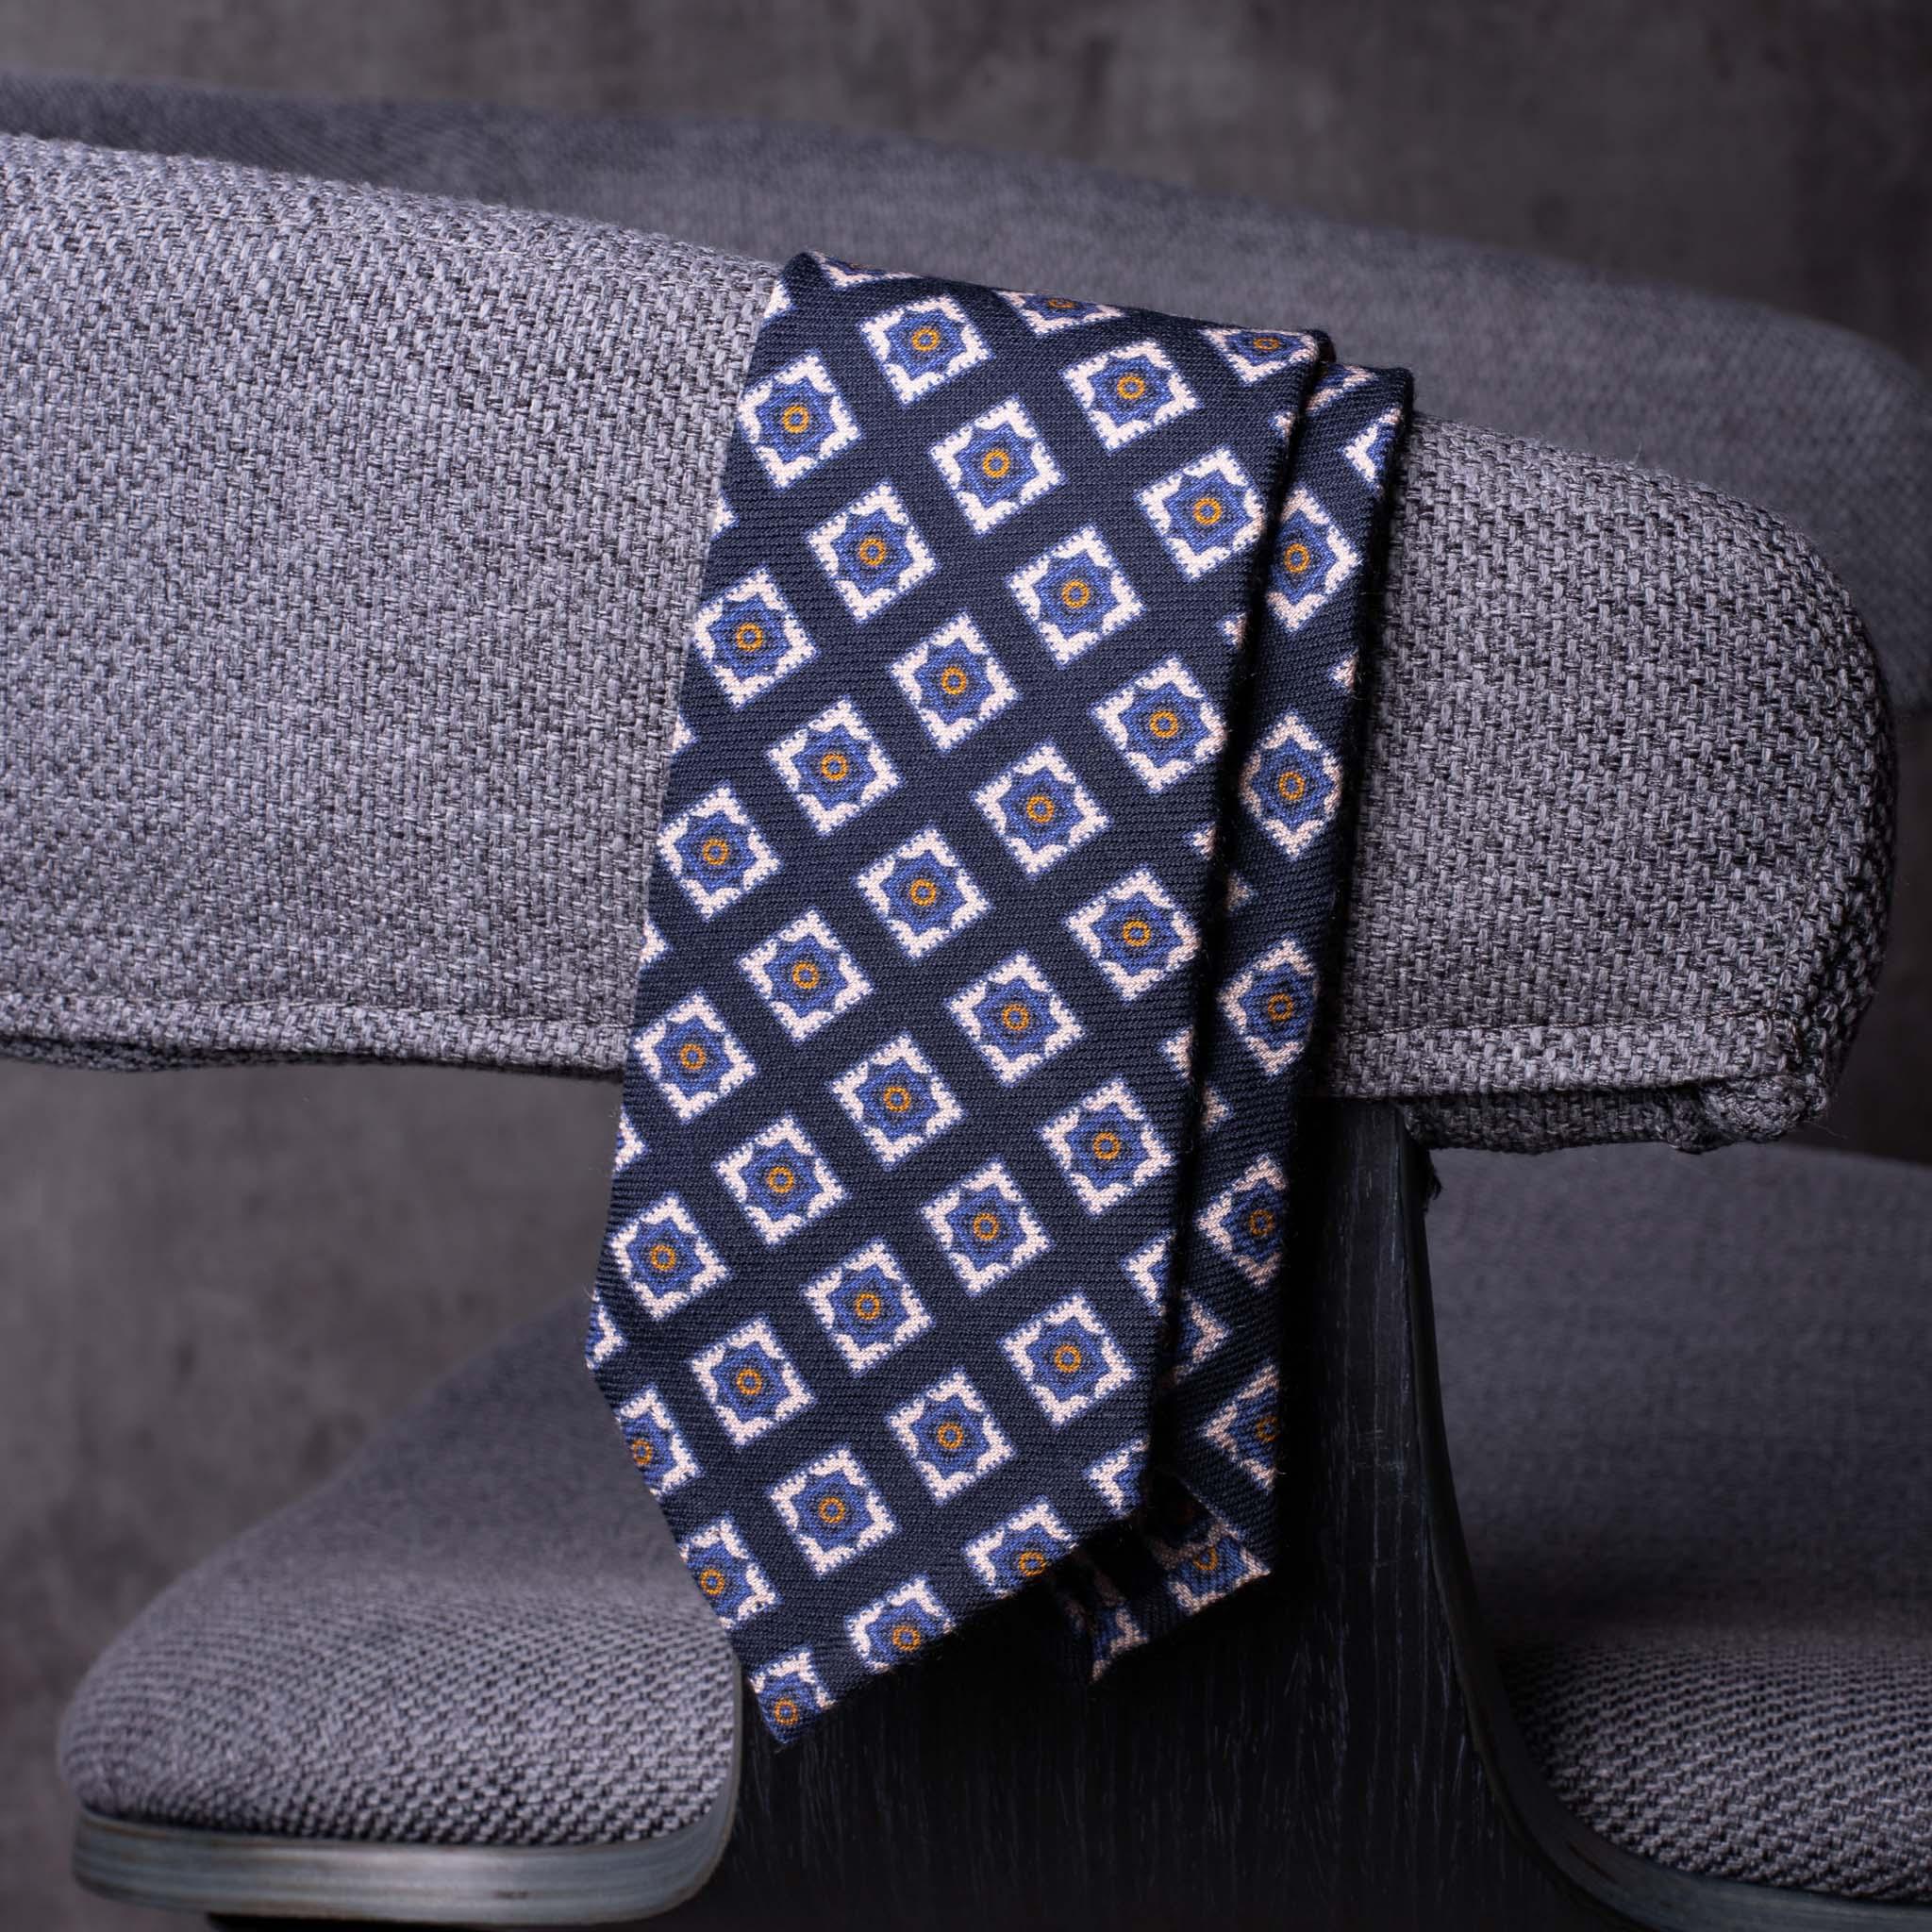 WOOL-0200-Tie-Initials-Corbata-Iniciales-The-Seelk-3